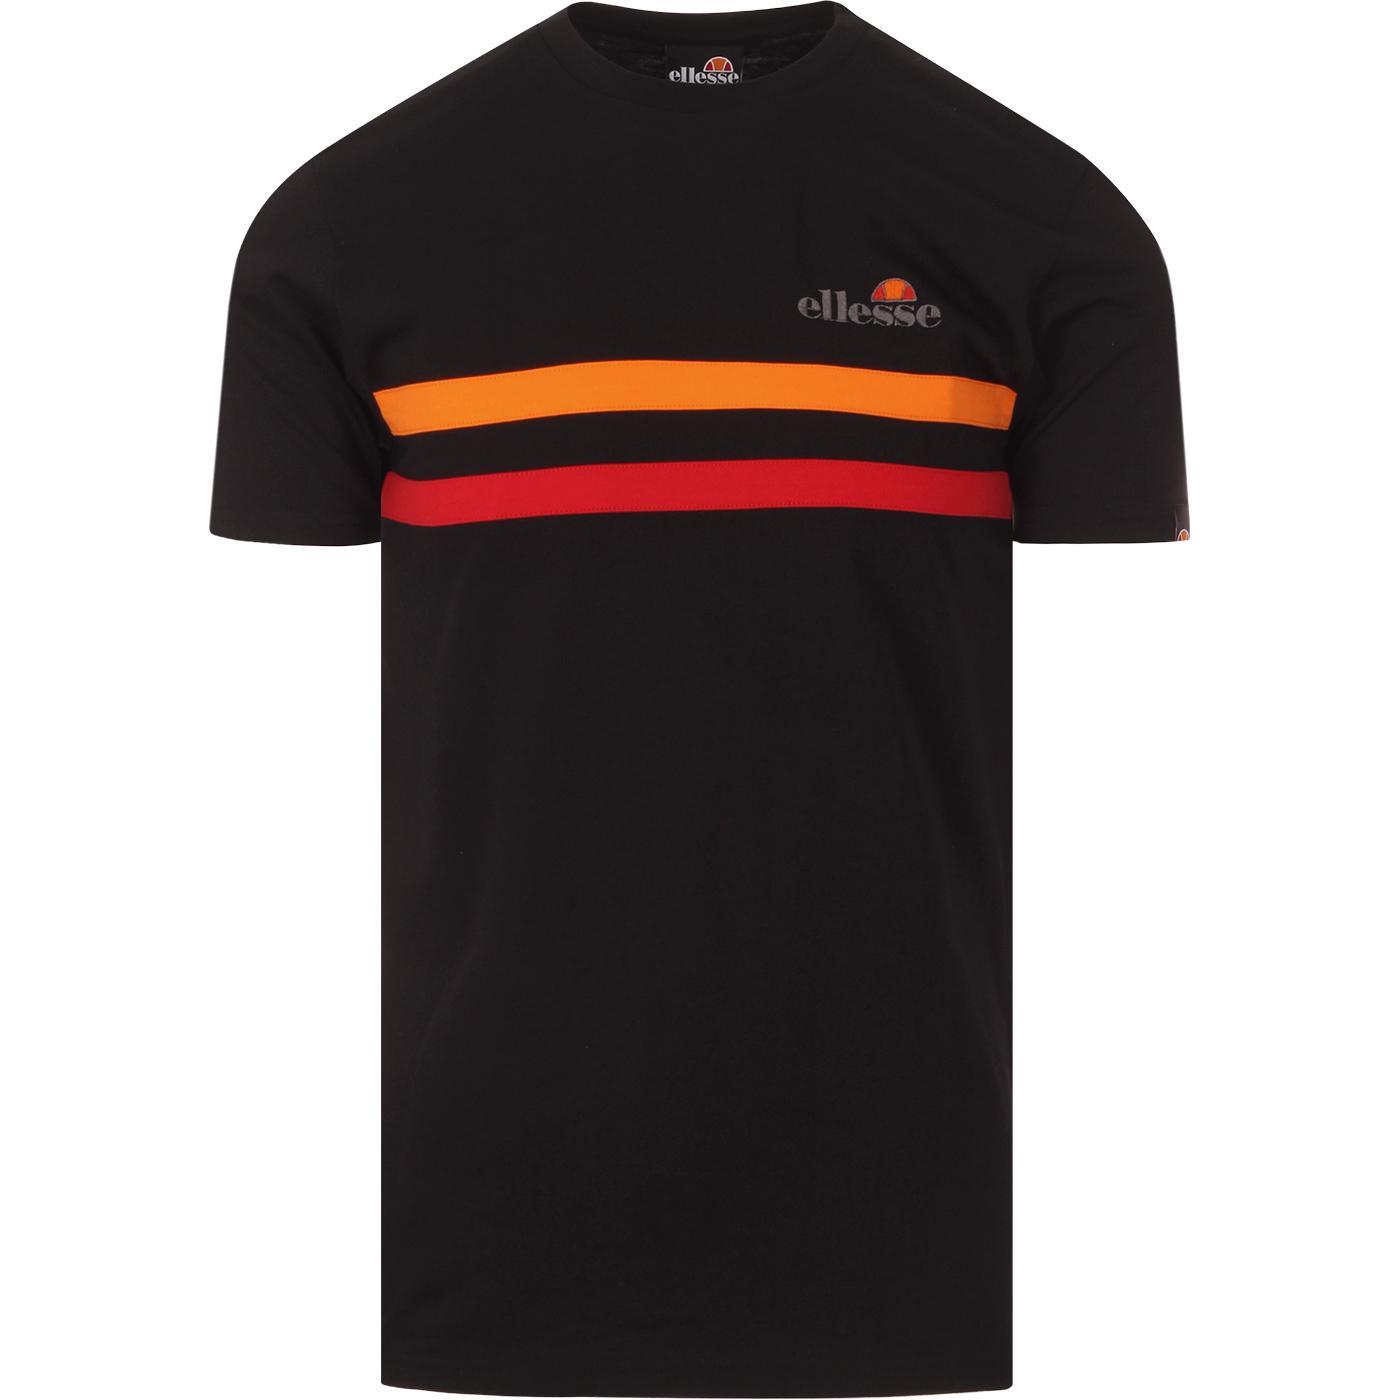 Aprosio ELLESSE Retro 70s Chest Stripe Tee (Black)